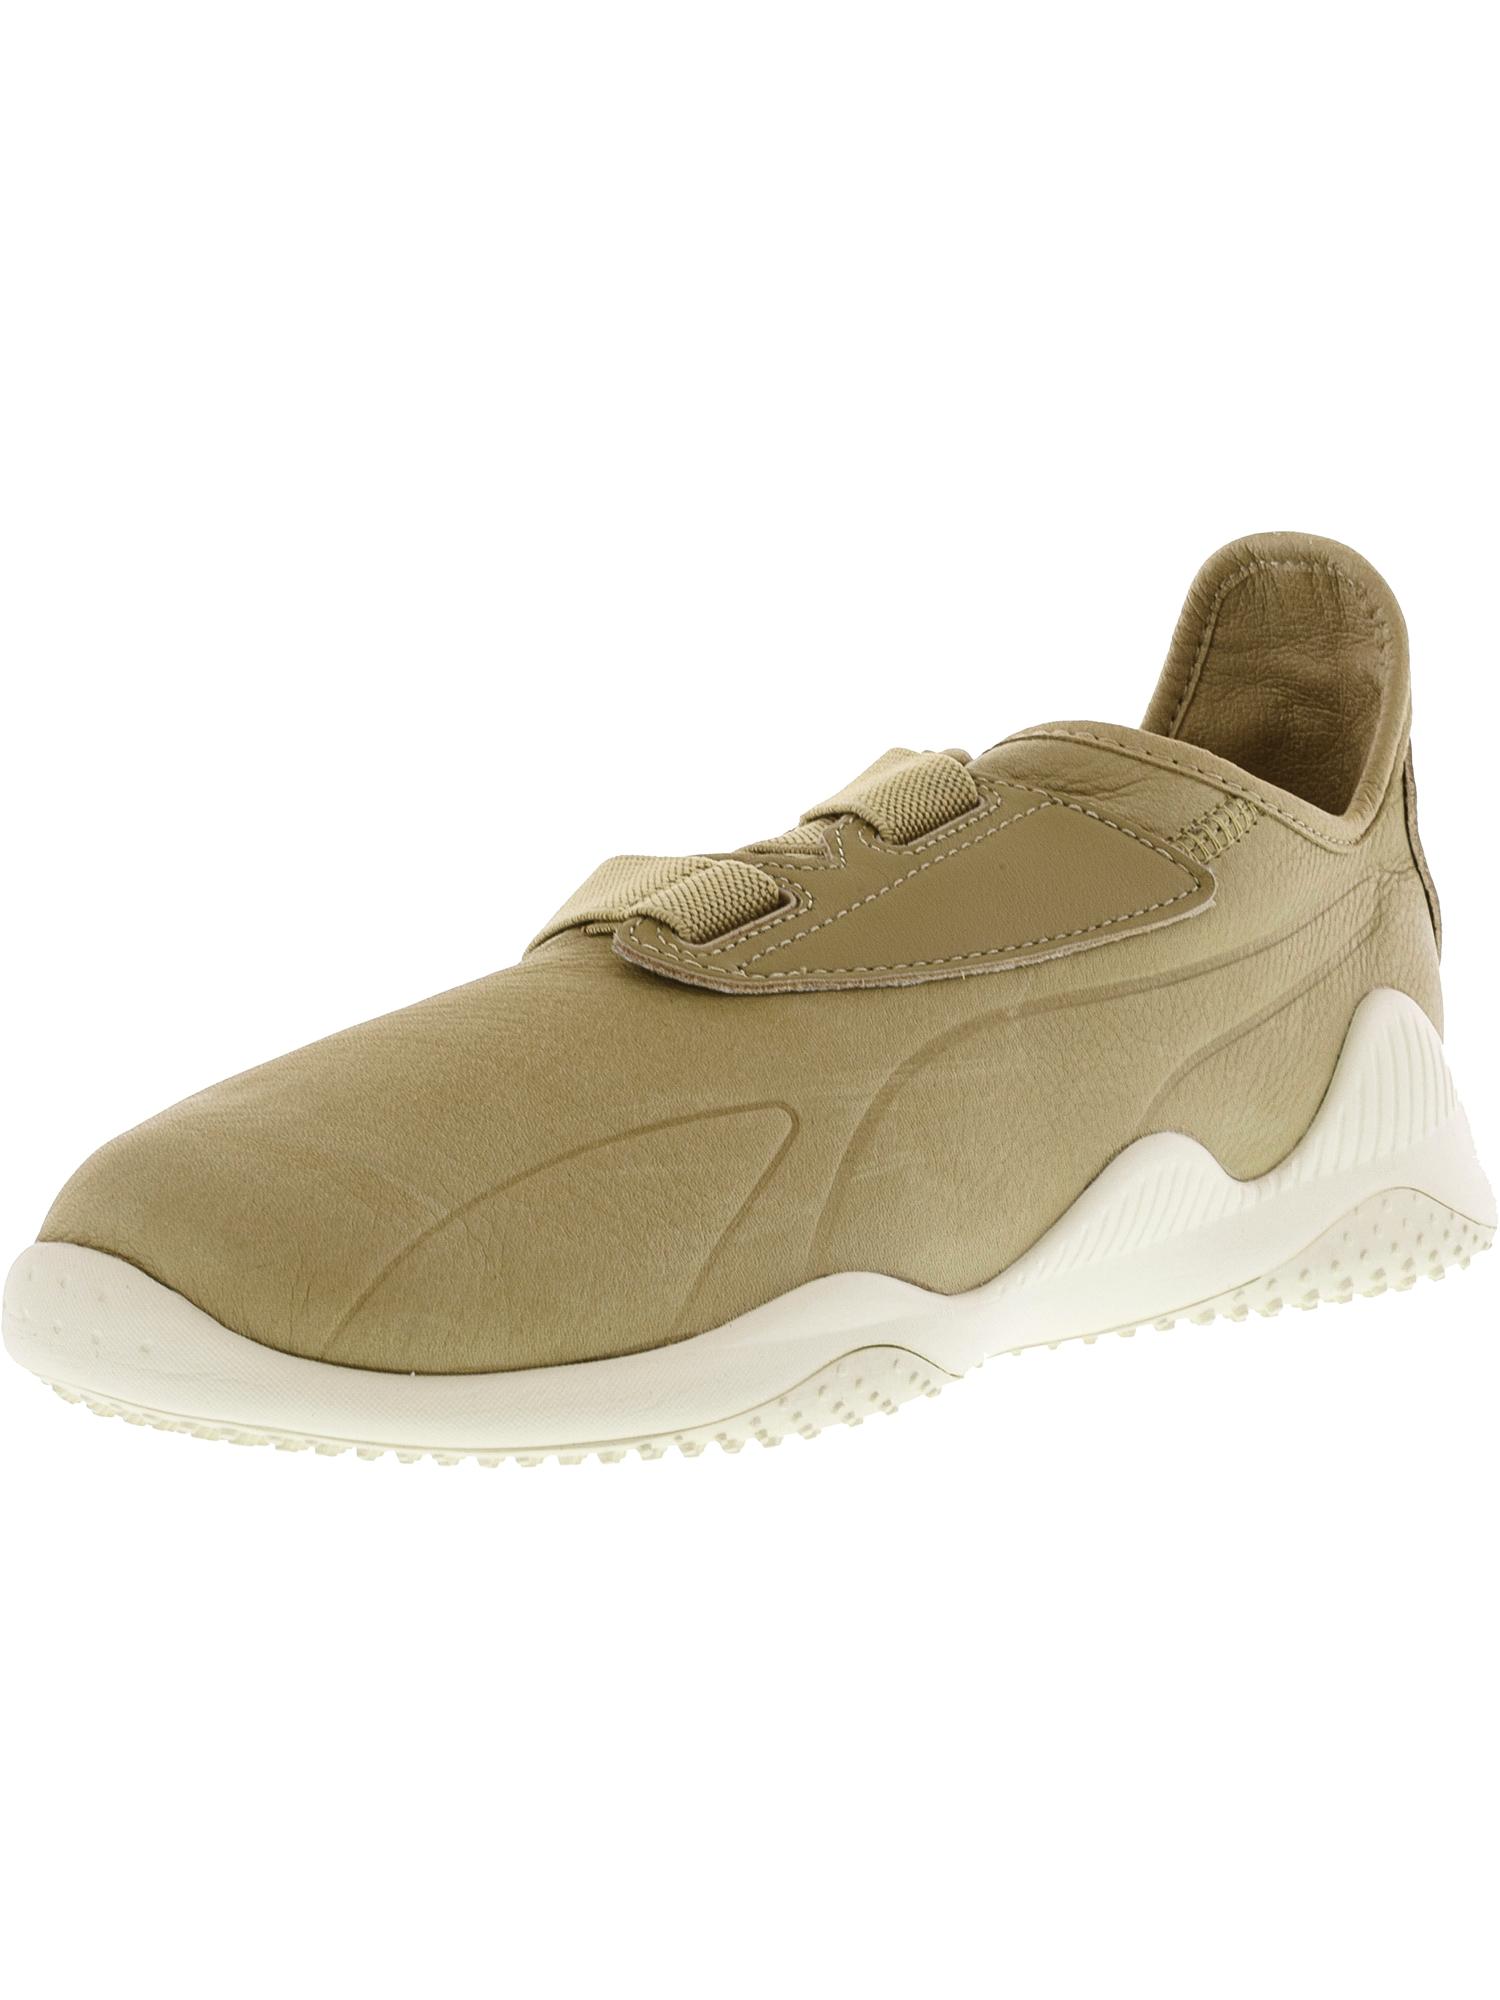 Puma Men's Mostro Premium Safari / Whisper White Ankle-High Fashion Sneaker - 12M